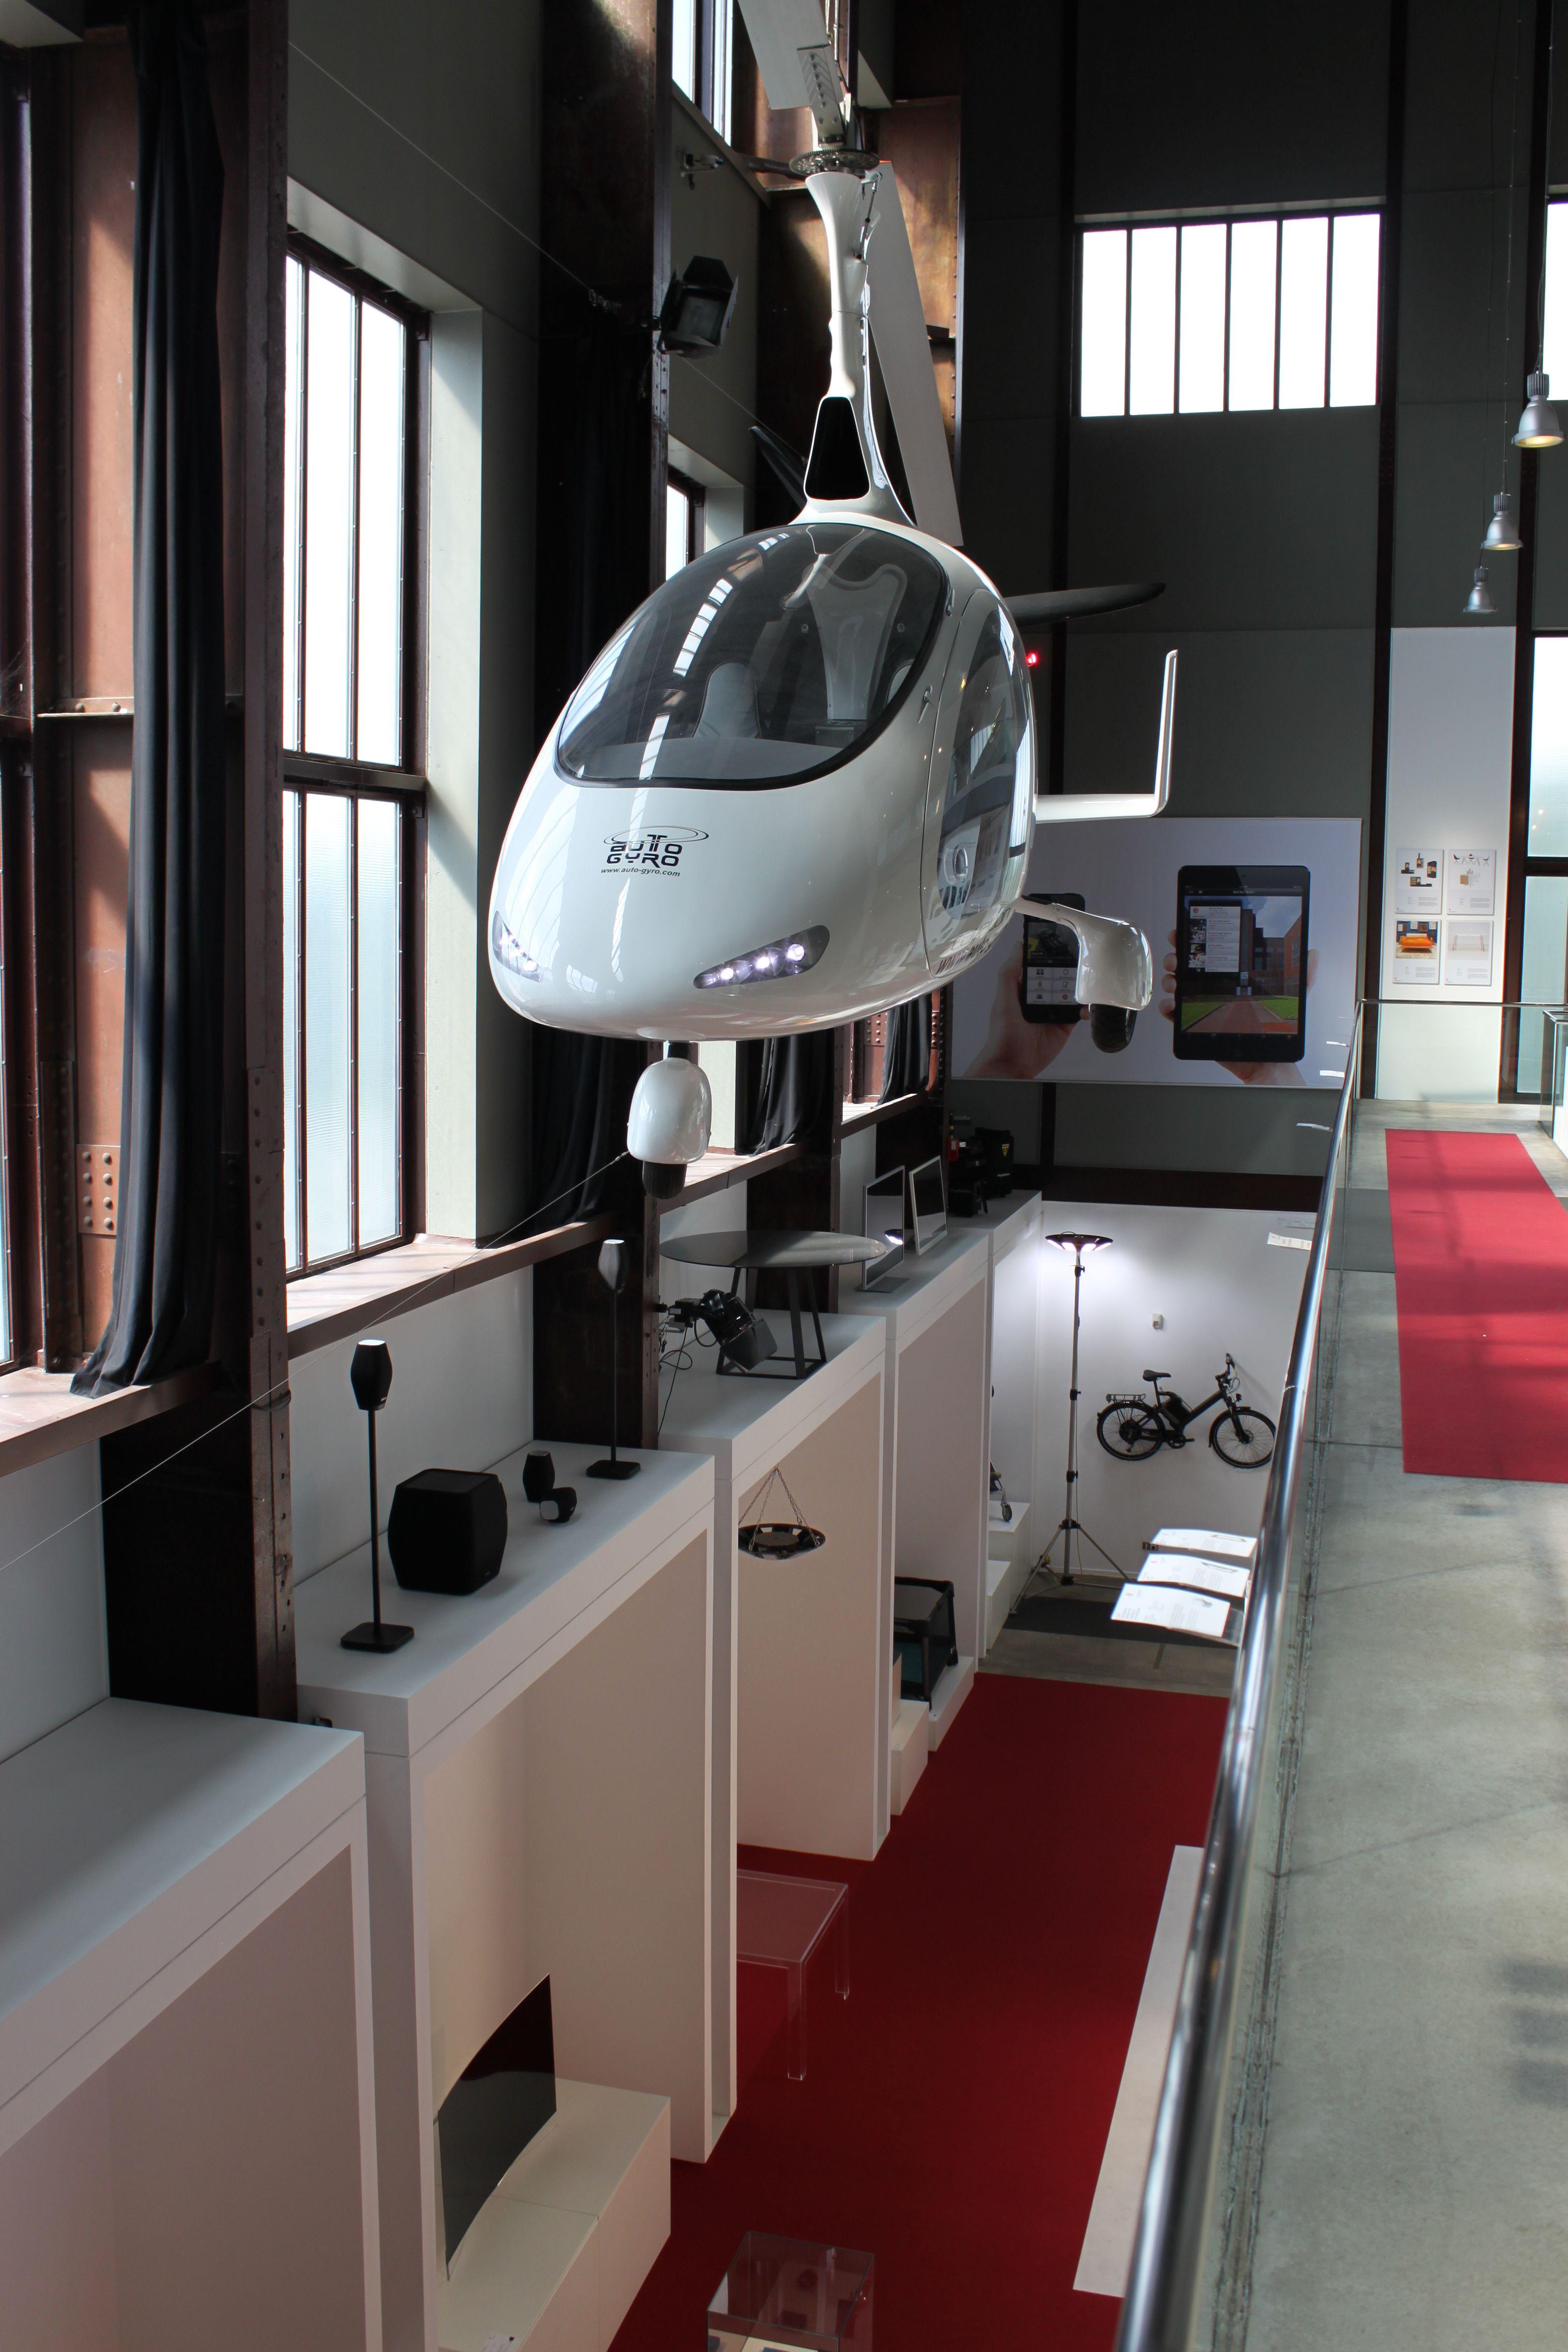 besuch im red dot design museum auf dem weltkulturerbe zeche zollverein in essen mehr bilder. Black Bedroom Furniture Sets. Home Design Ideas